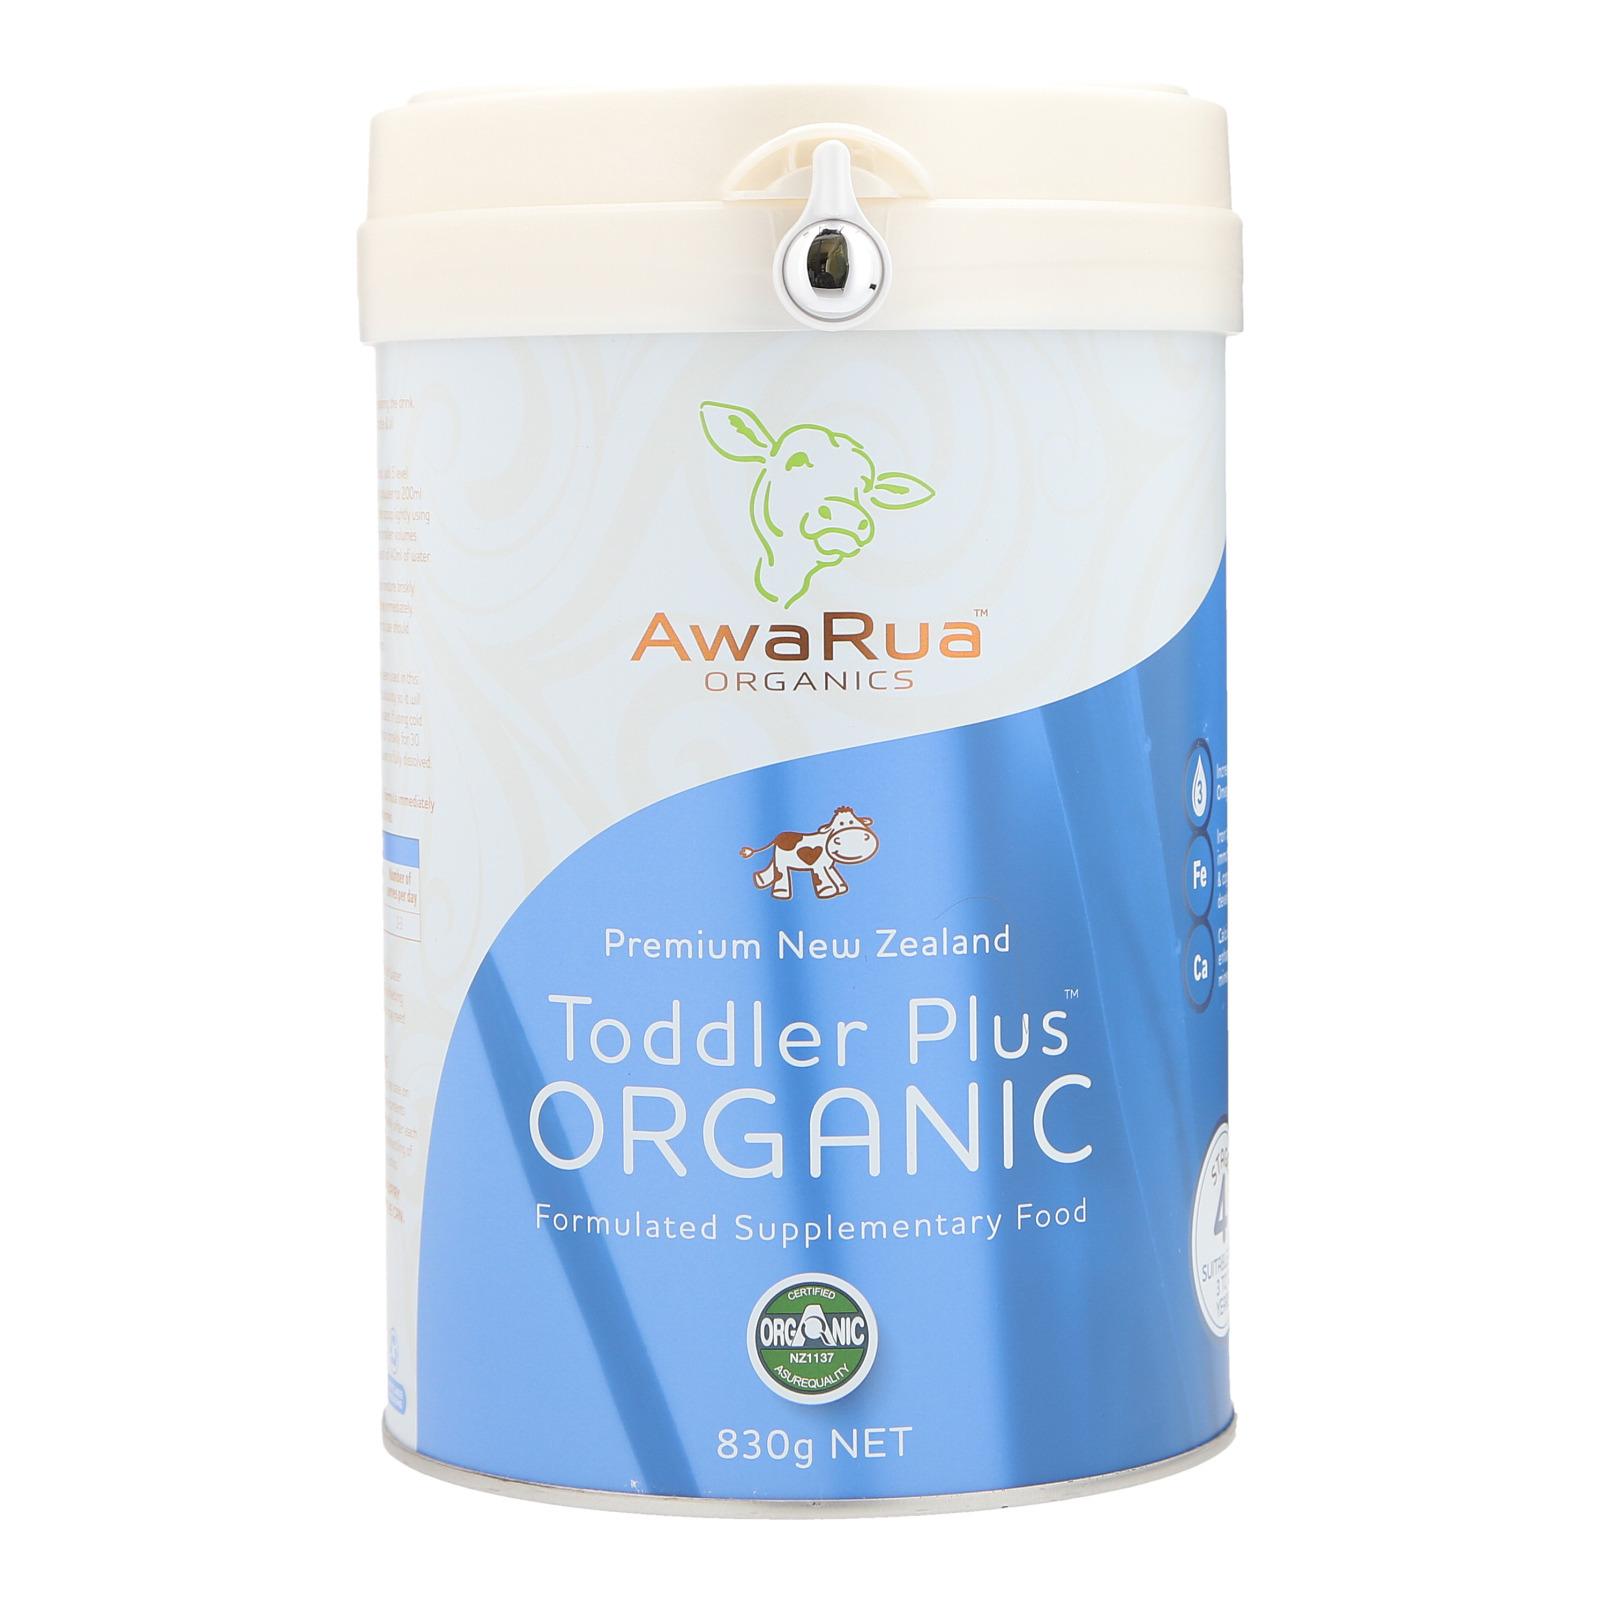 AwaRua Organics Organic Toddler Plus